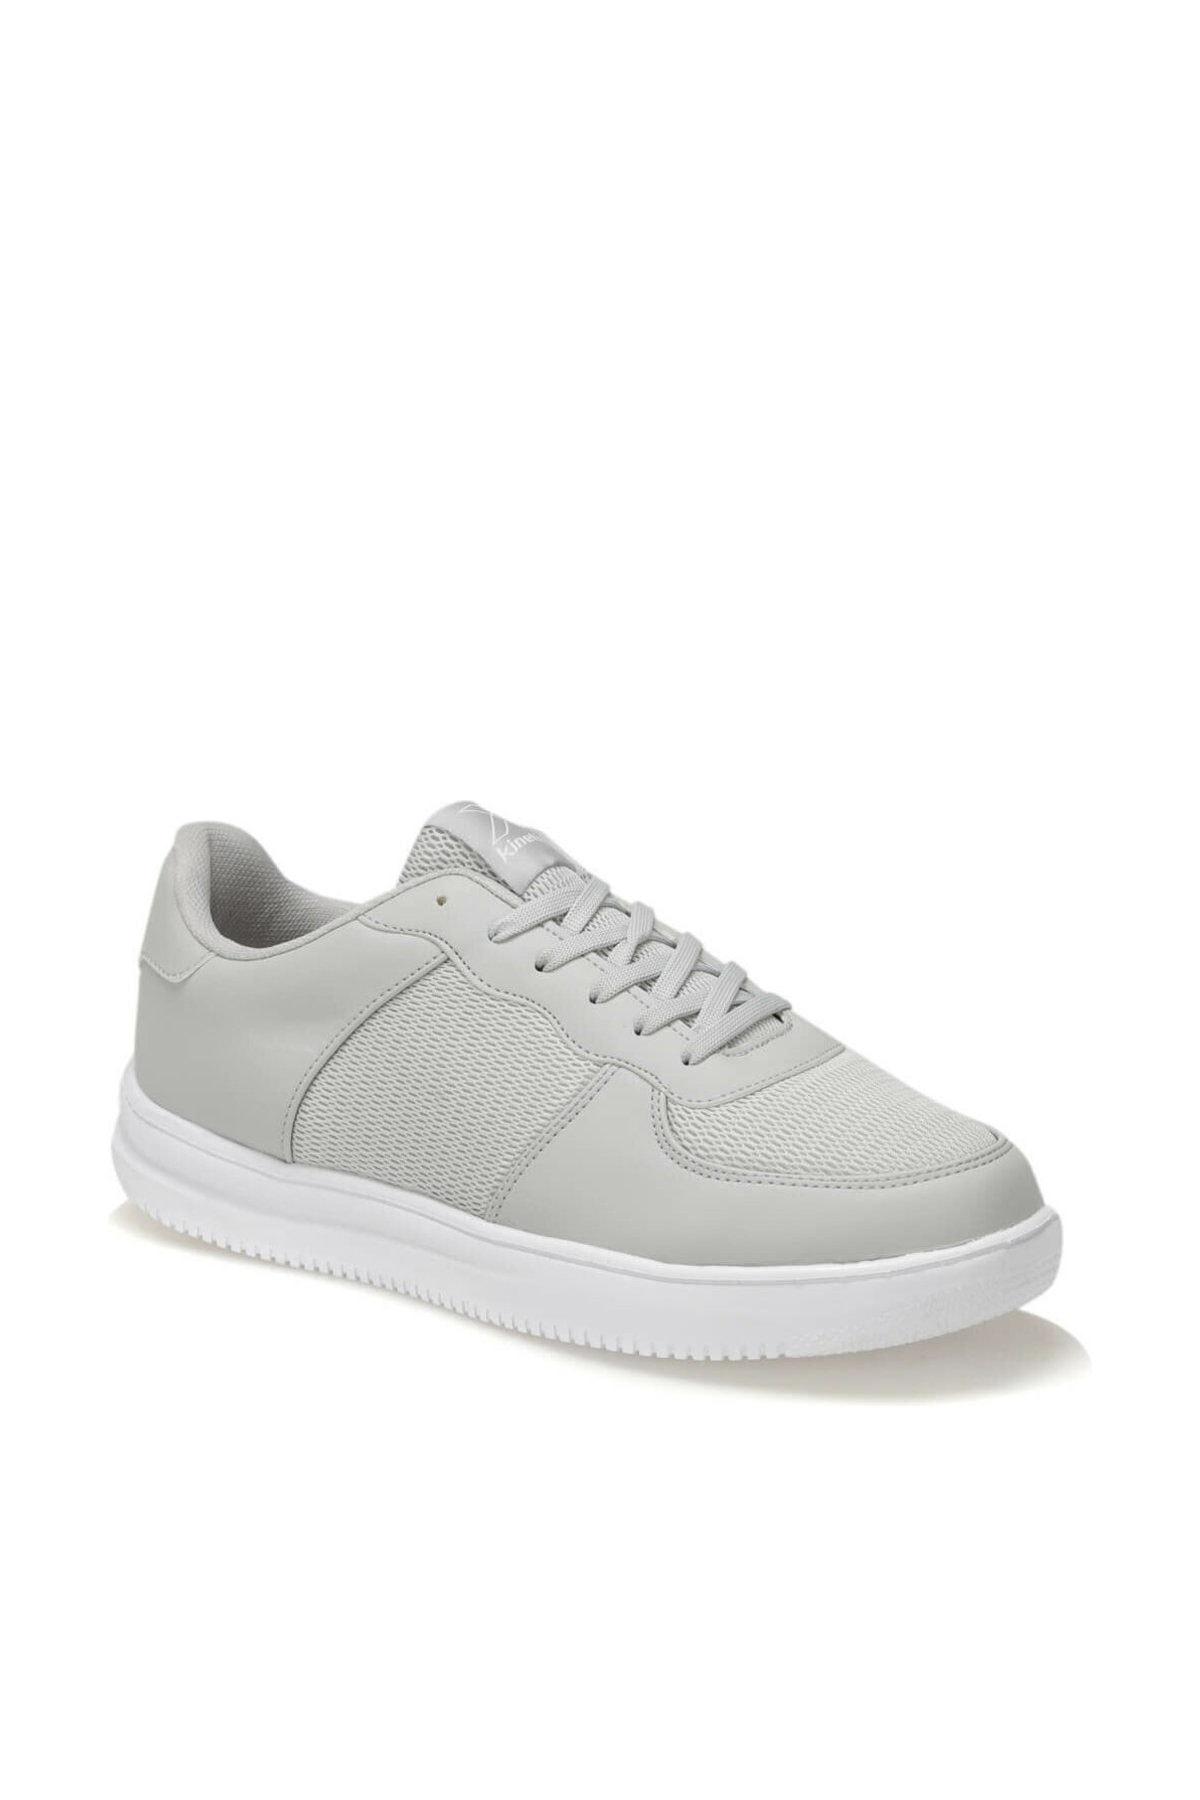 Kinetix TYSON MESH M Açık Gri Erkek Sneaker Ayakkabı 100371946 1